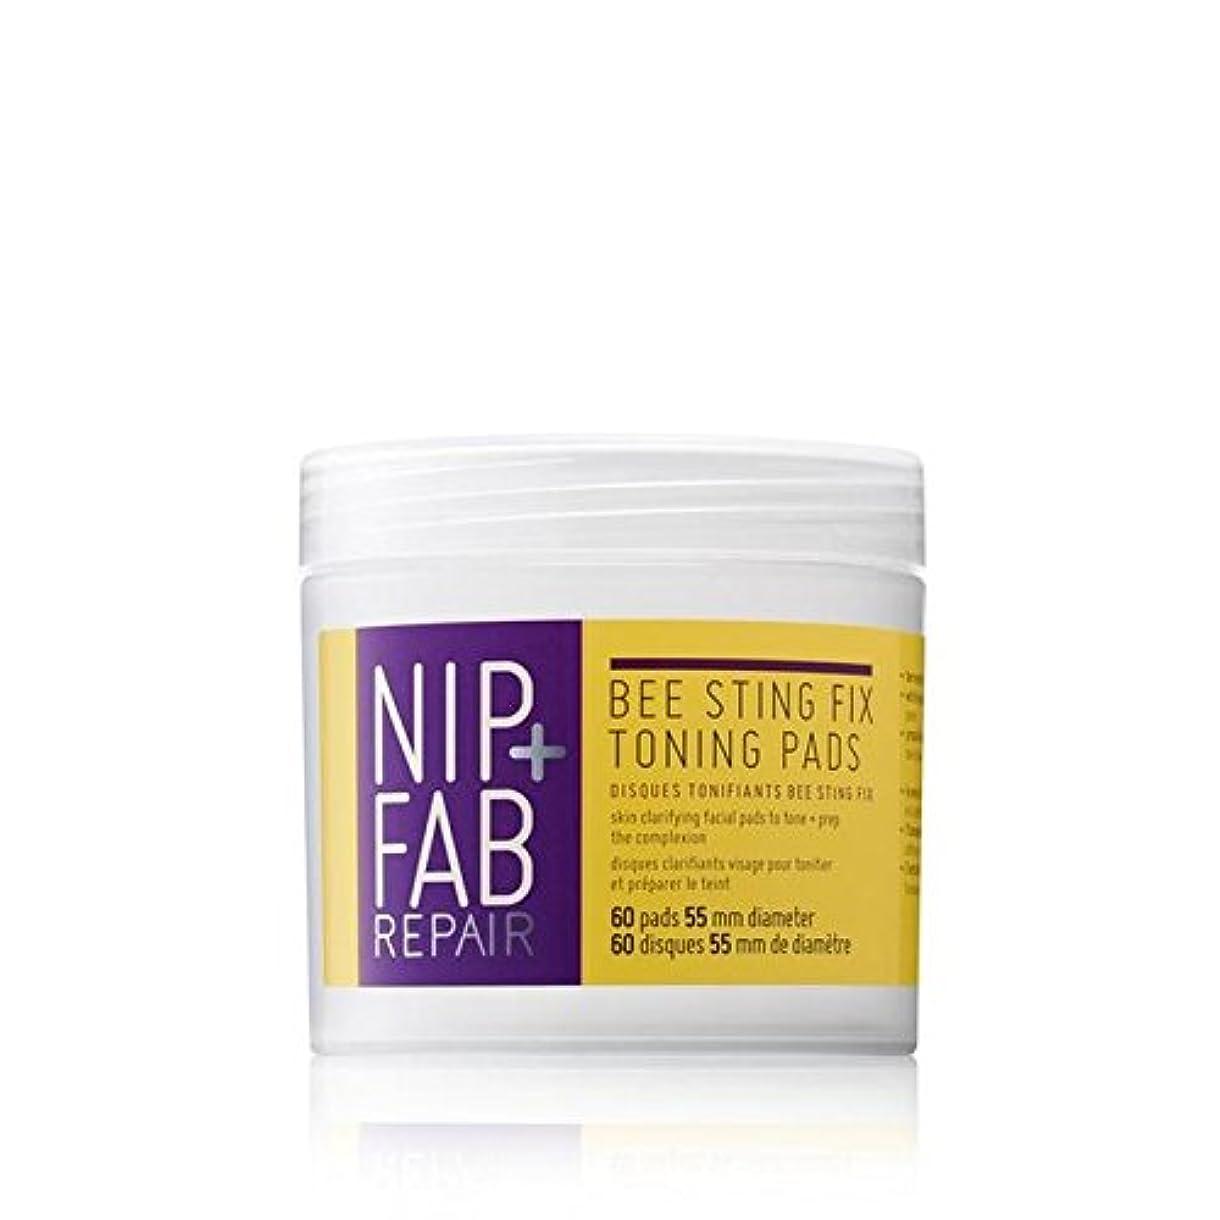 遠洋の意志に反する太鼓腹Nip+Fab Bee Sting Fix Toning Pads 80ml (Pack of 6) - + 蜂刺傷修正調色パッド80ミリリットルニップ x6 [並行輸入品]